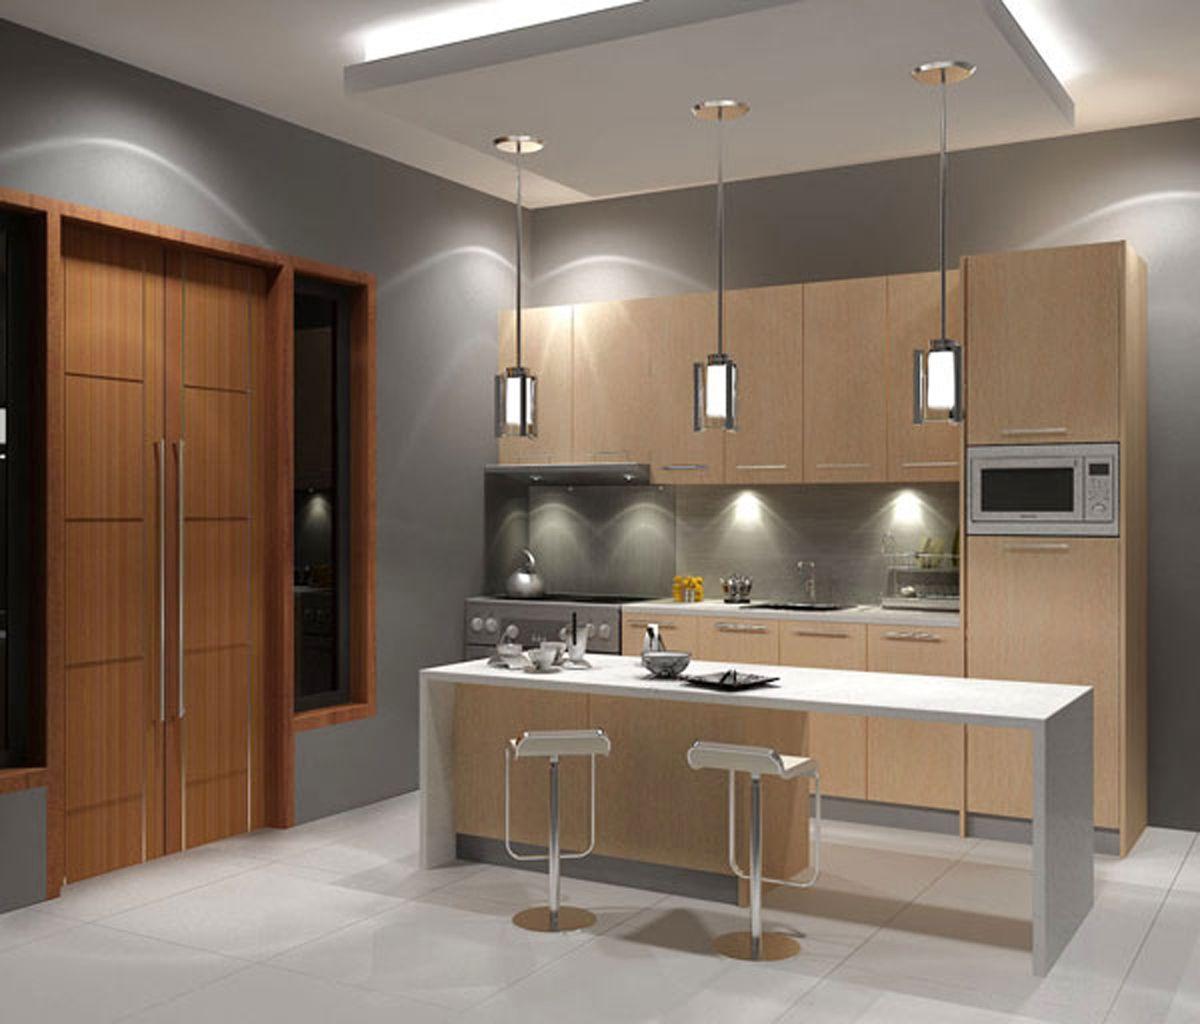 Kitchen designs for small spaces kitchen island design view kitchen